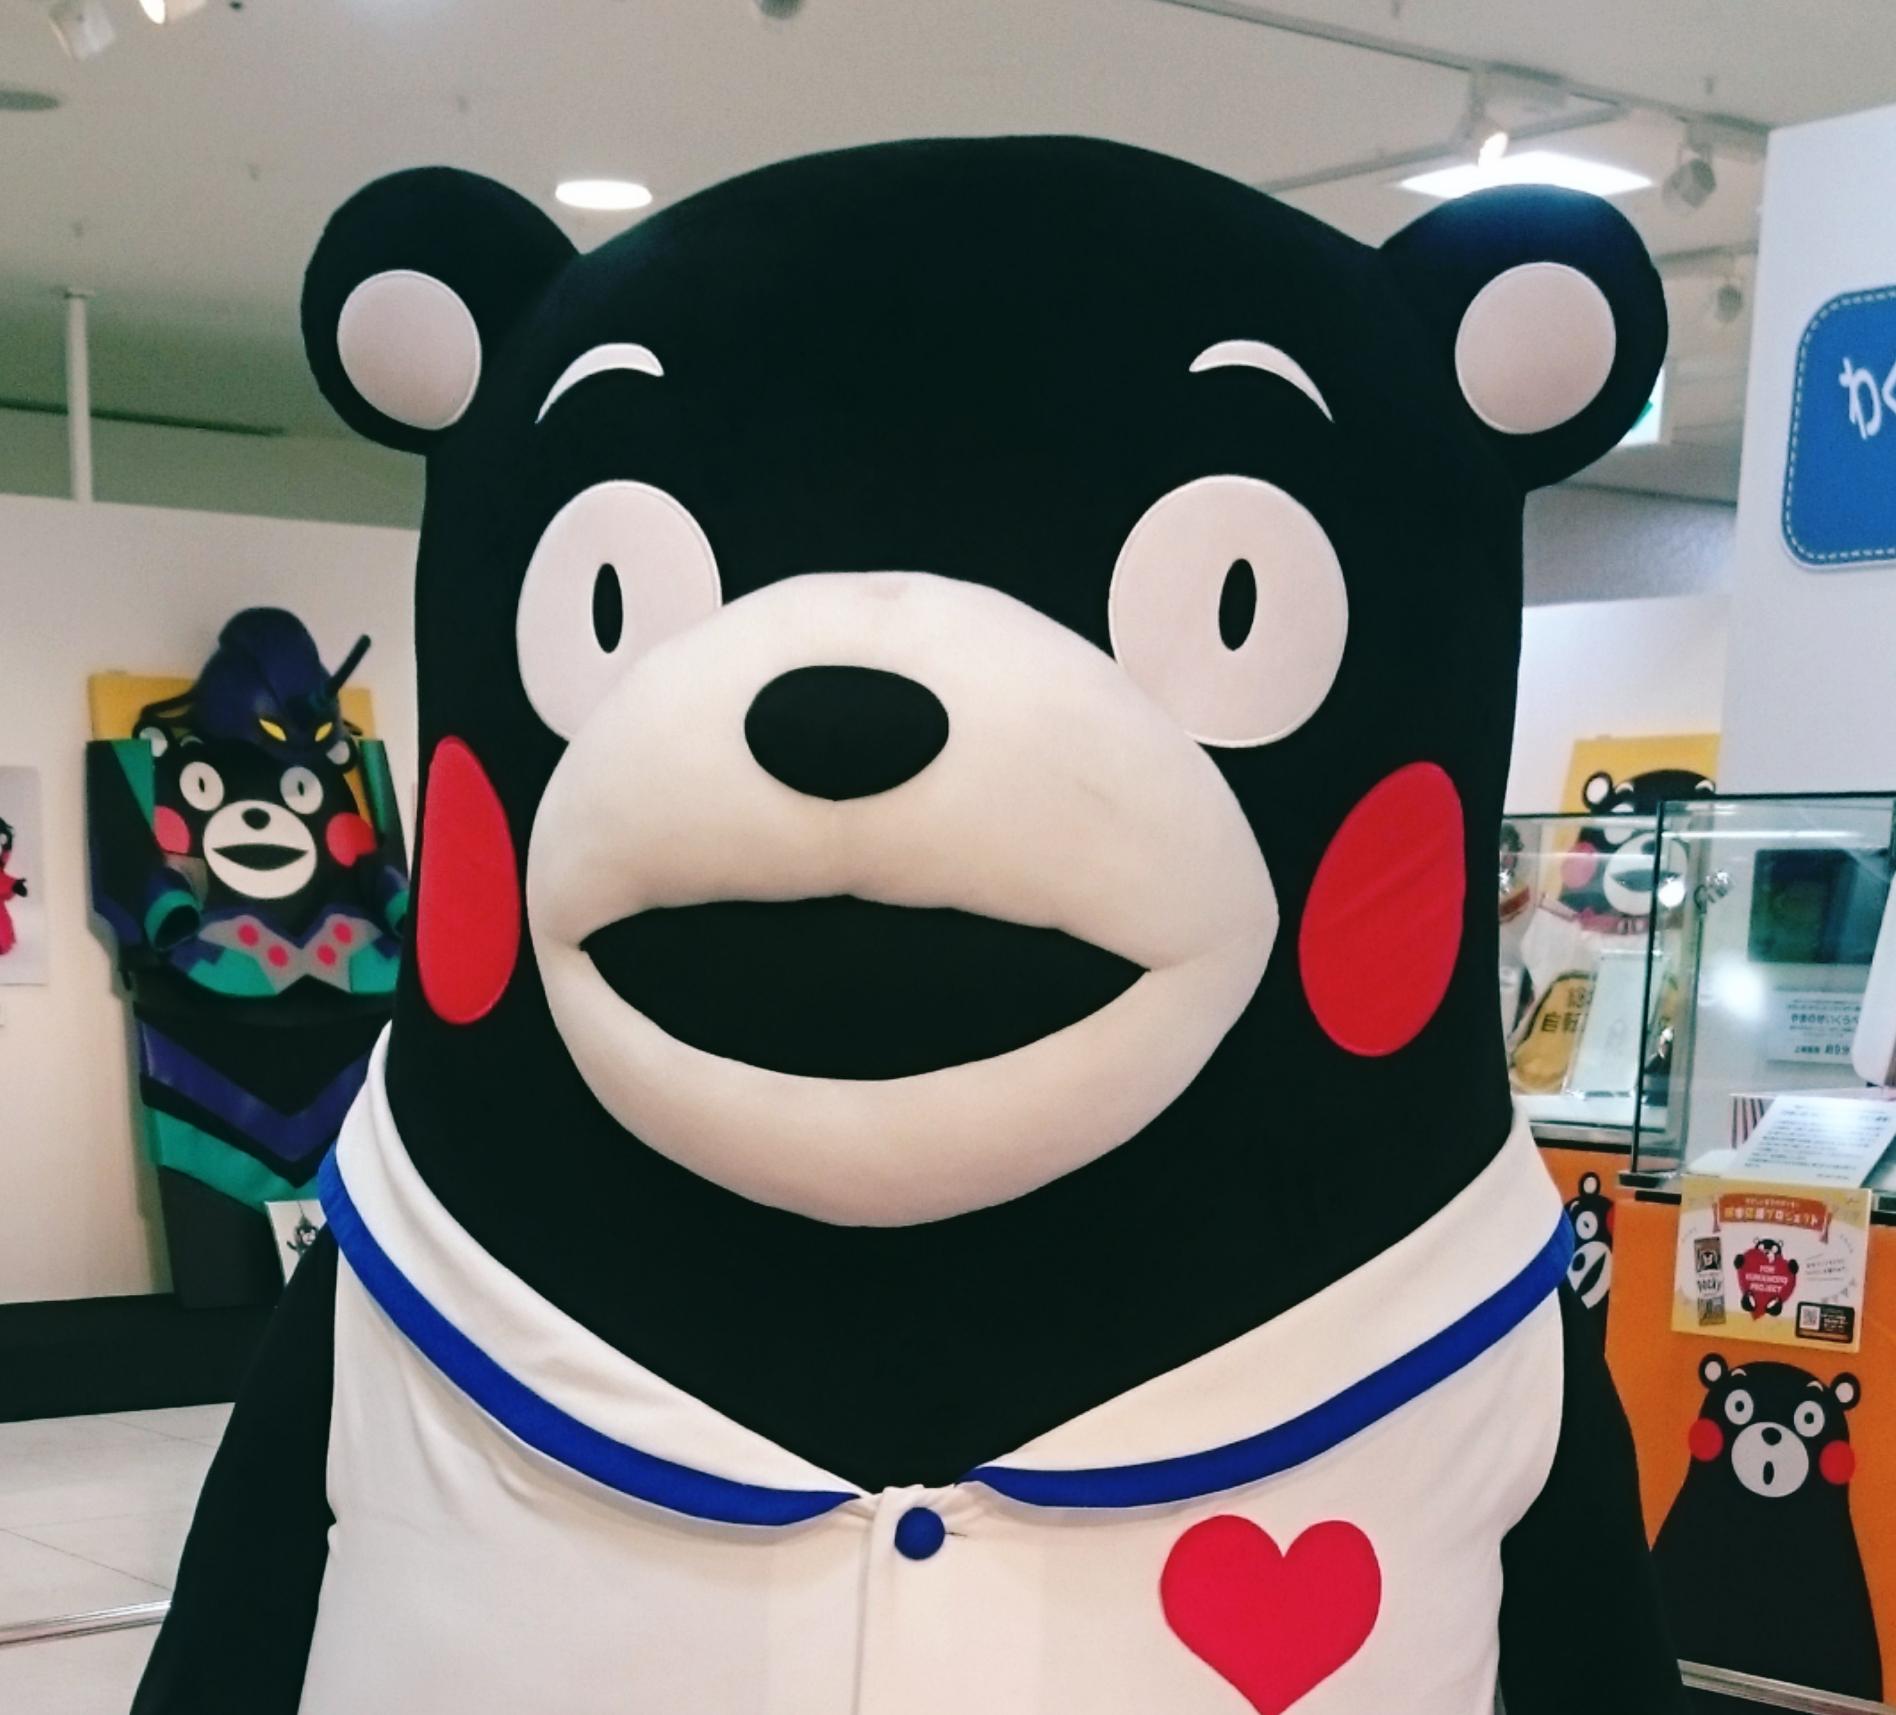 名古屋高島屋で『大くまモン展』『大九州・沖縄展』開催中!